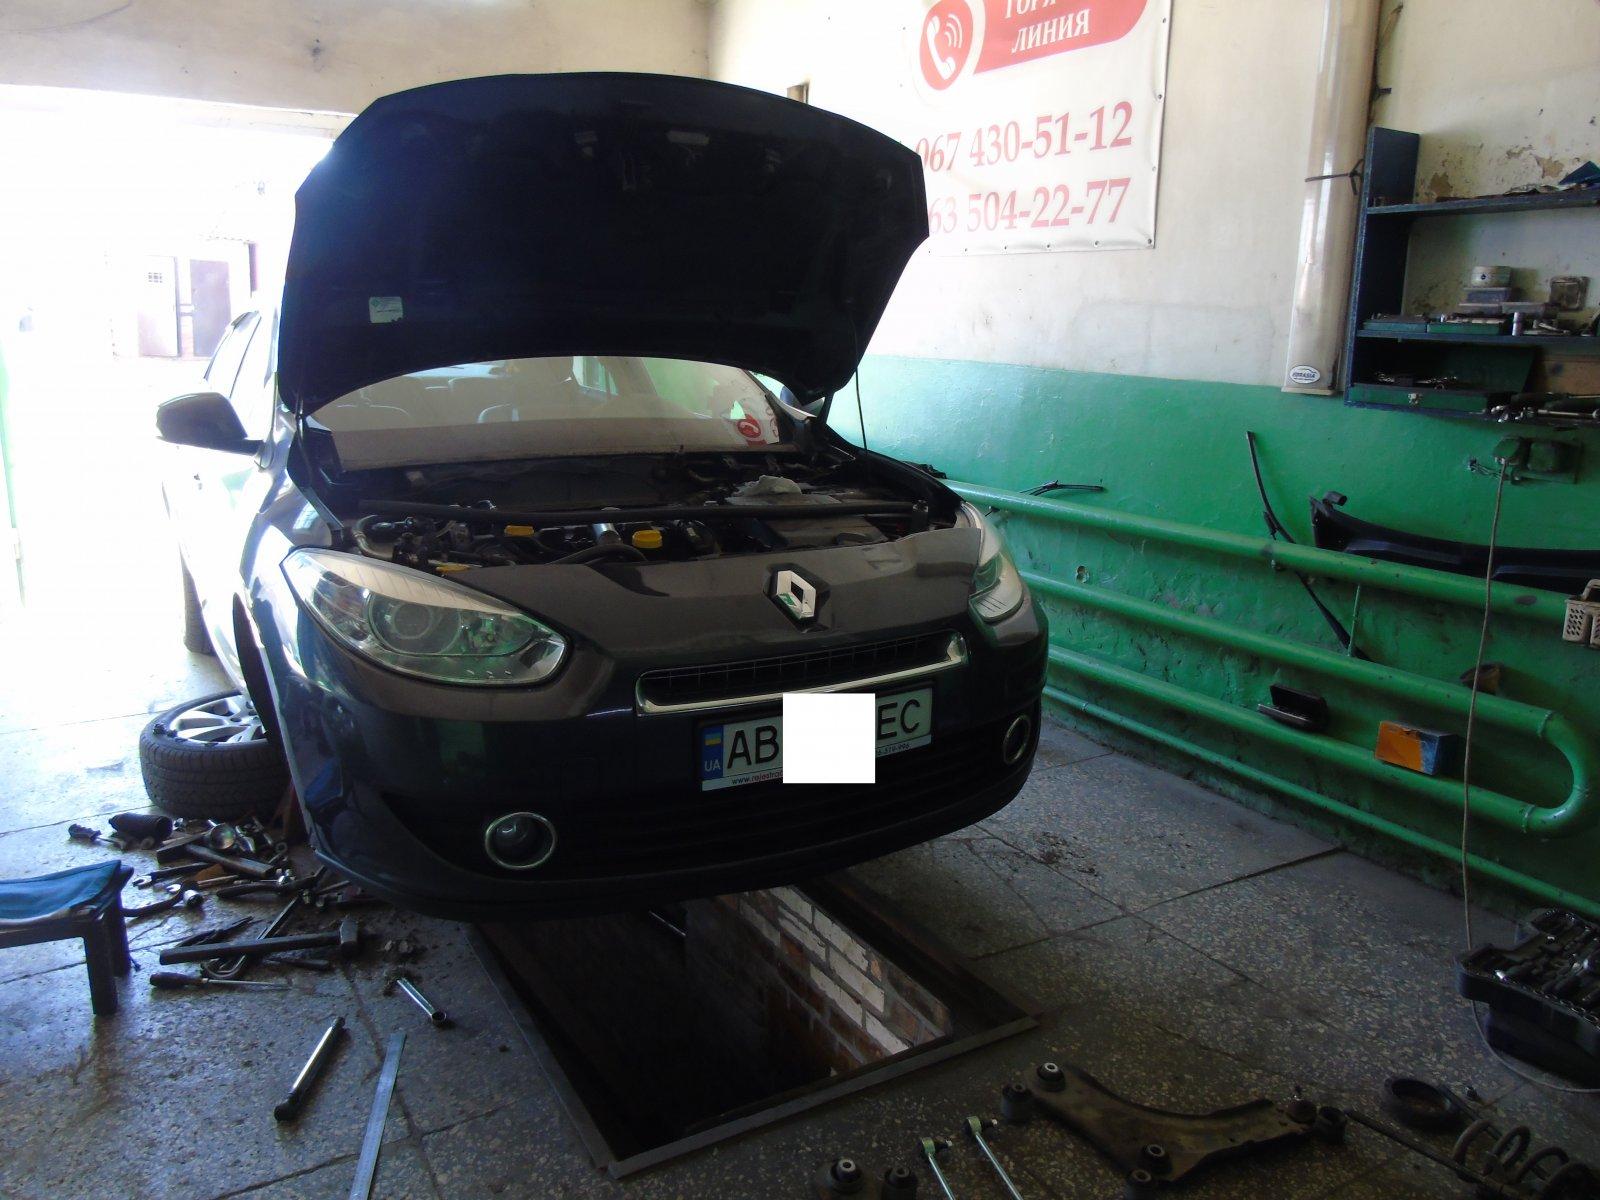 Відновлення сайлентблоків передніх важелів та встановлення посилених стійок стабілізатора на Renault Fluence